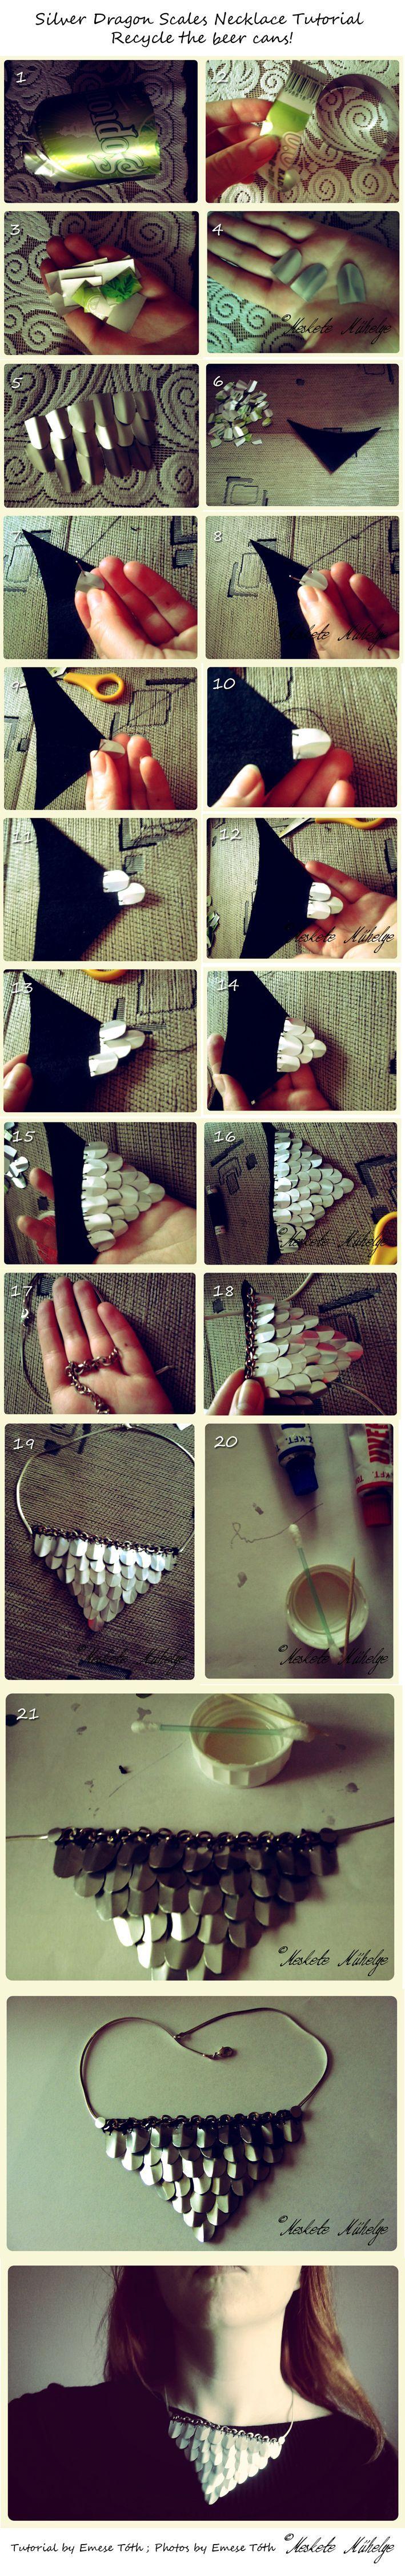 Récupérer une canette pour en faire un bijou écaille de dragon! - Bricolages - Des bricolages géniaux à réaliser avec vos enfants - Trucs et Bricolages - Fallait y penser !